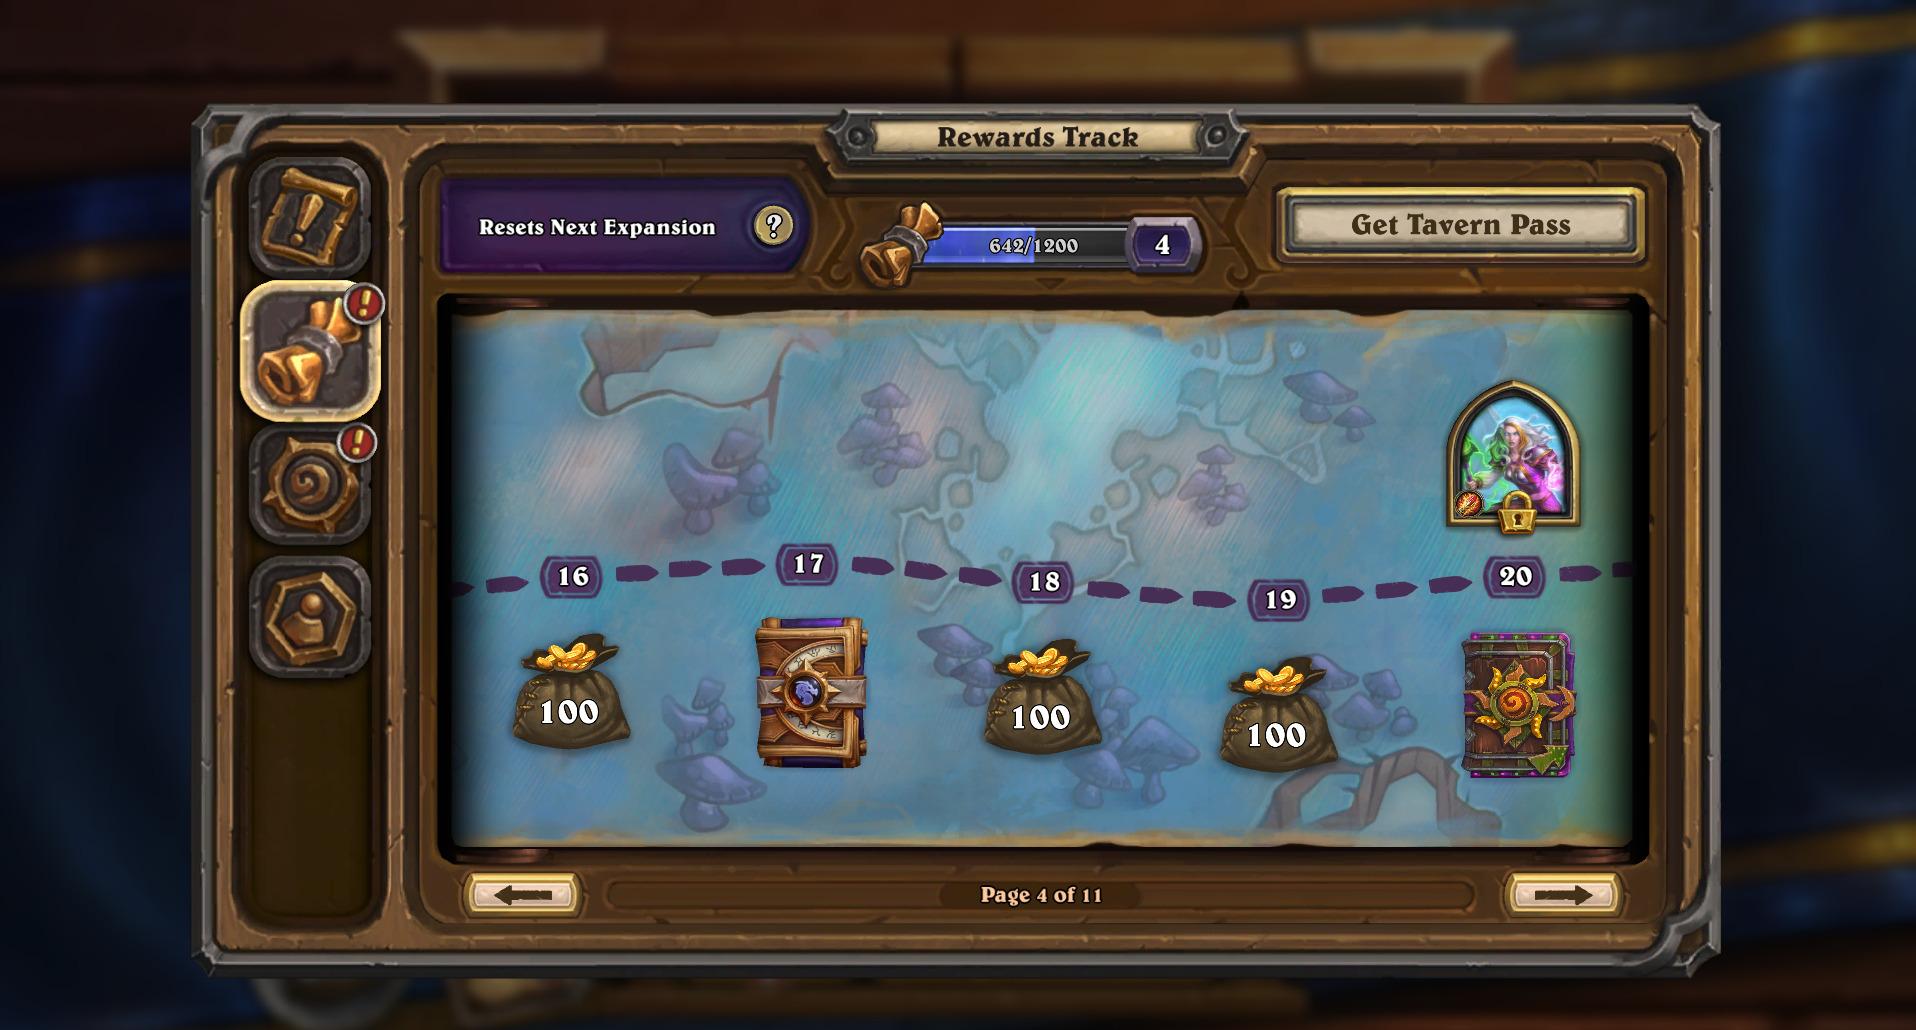 Pantalla del mapa de recompensas en Hearthstone